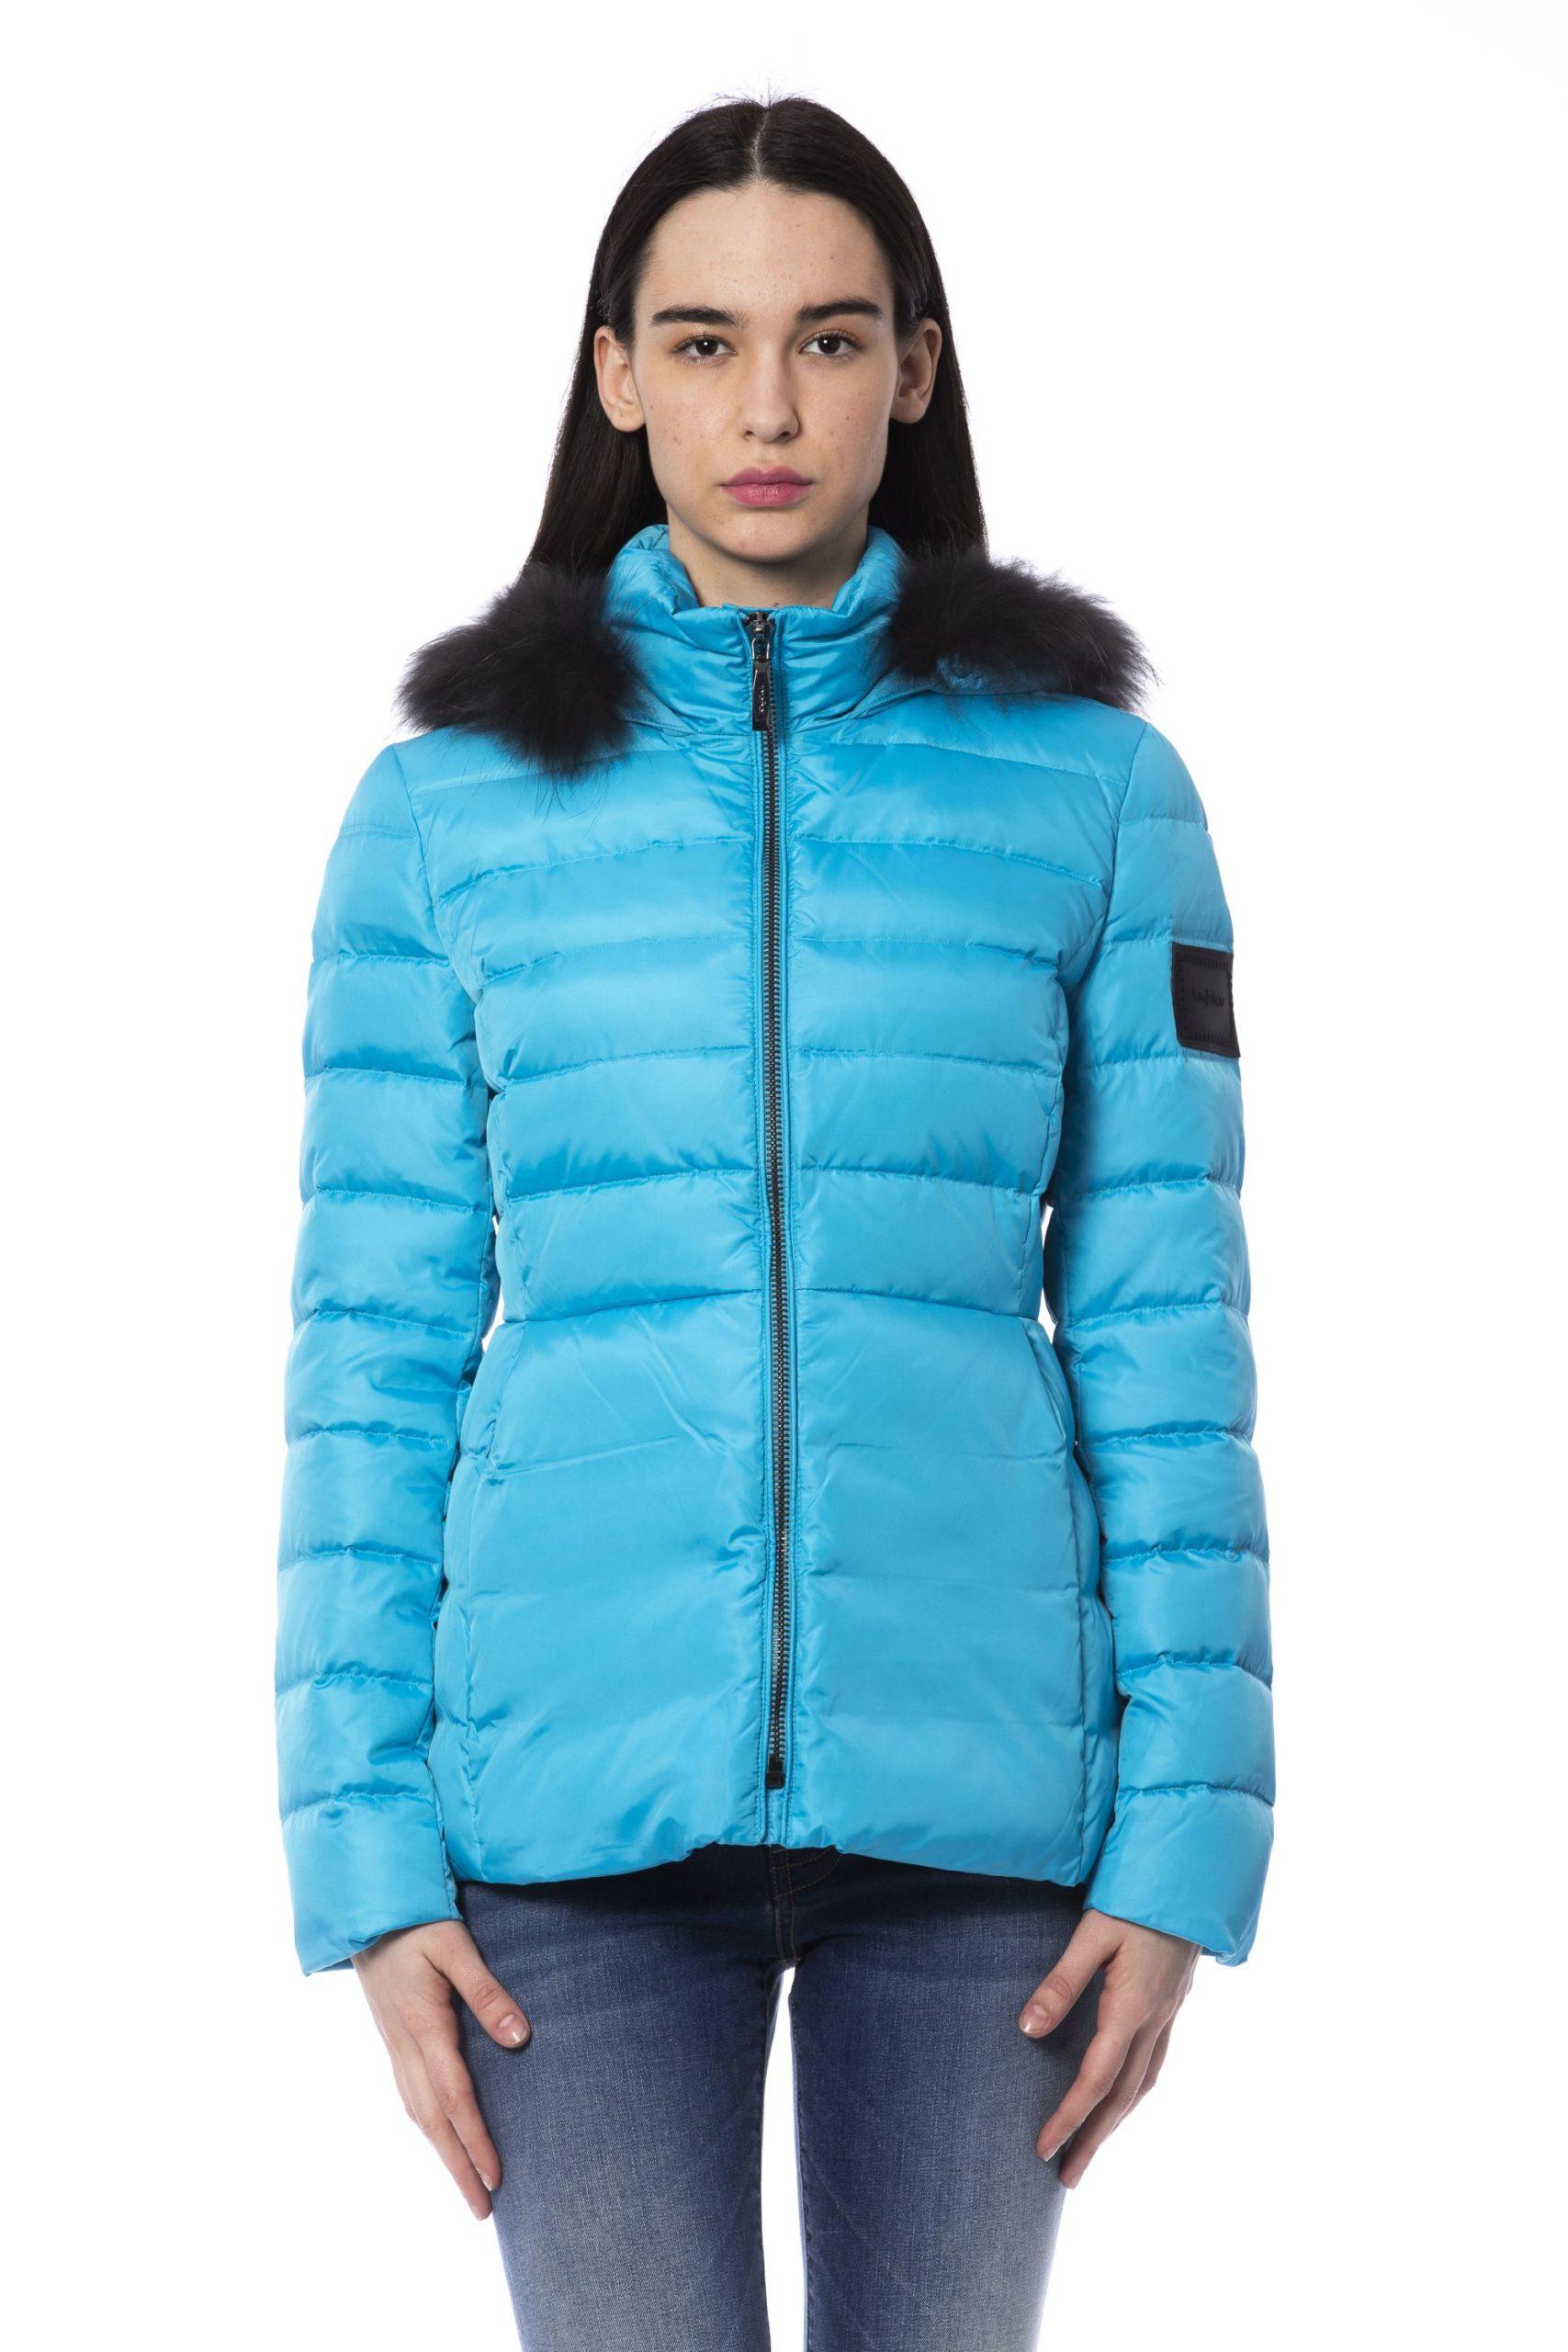 Byblos Women's Jacket Light Blue BY853440 - IT40 | XS